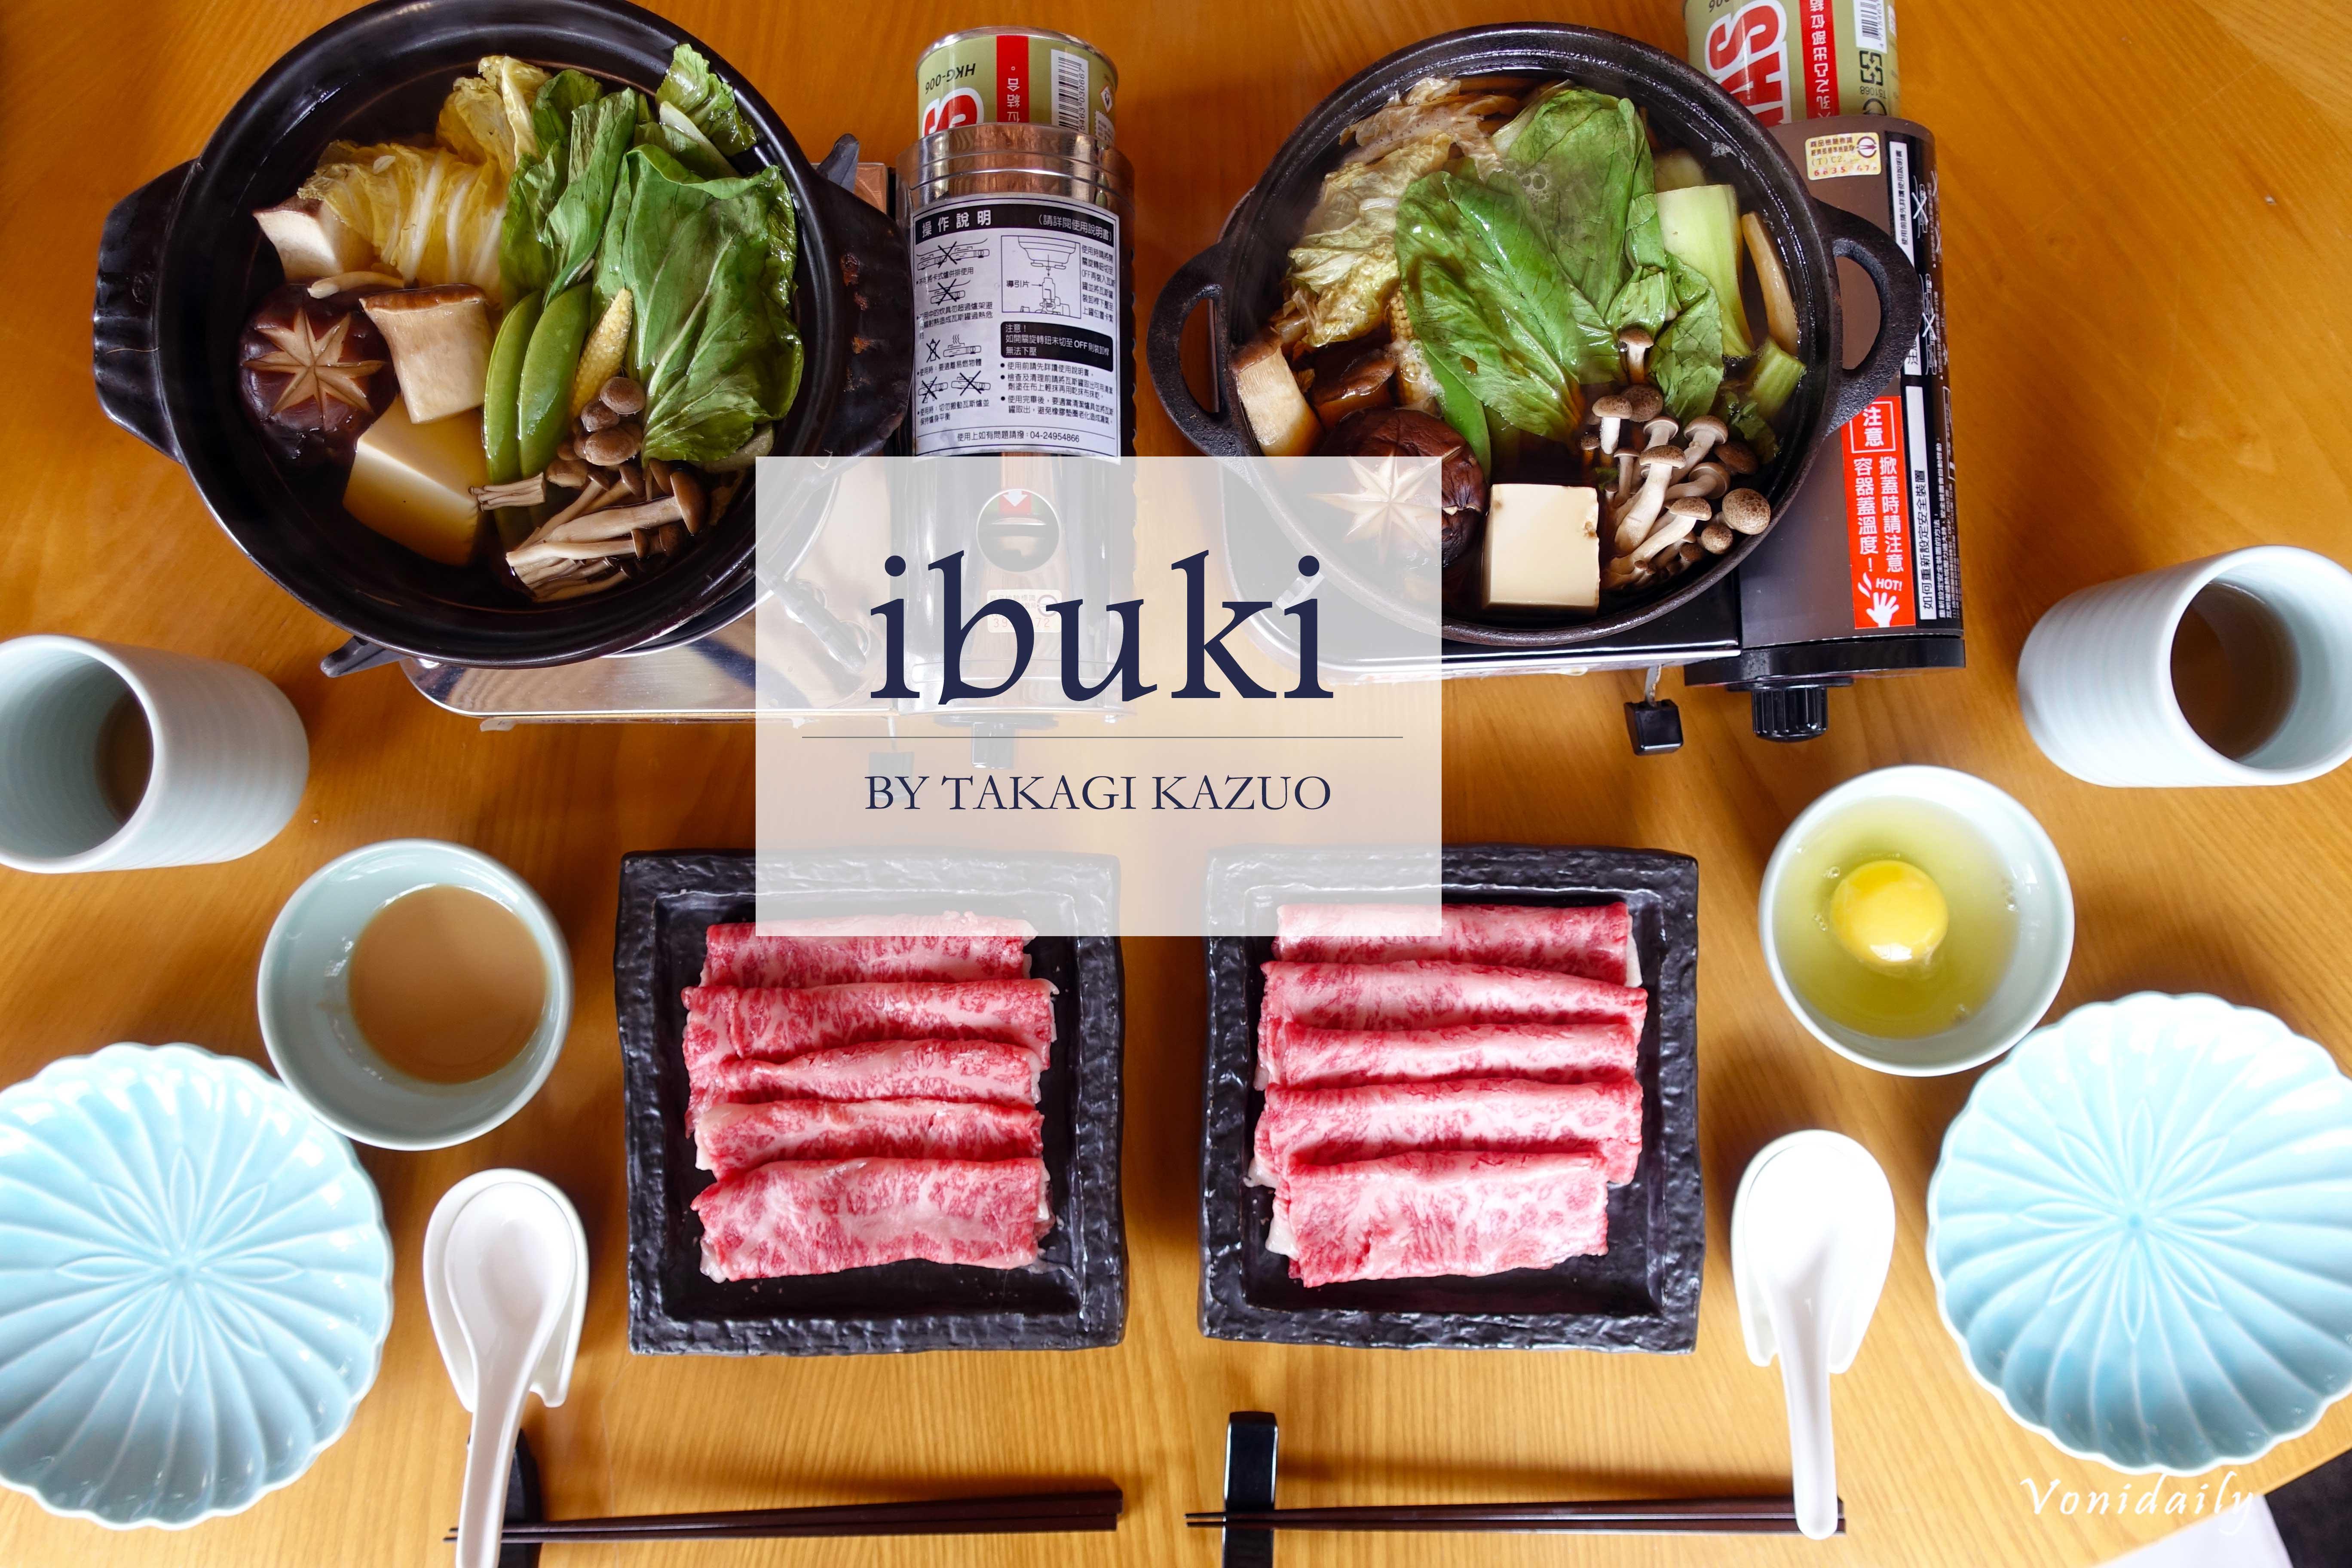 ibuki by TAKAGI KAZUO 冠軍黑毛和牛火鍋與壽喜燒~吃和牛不用飛日本!